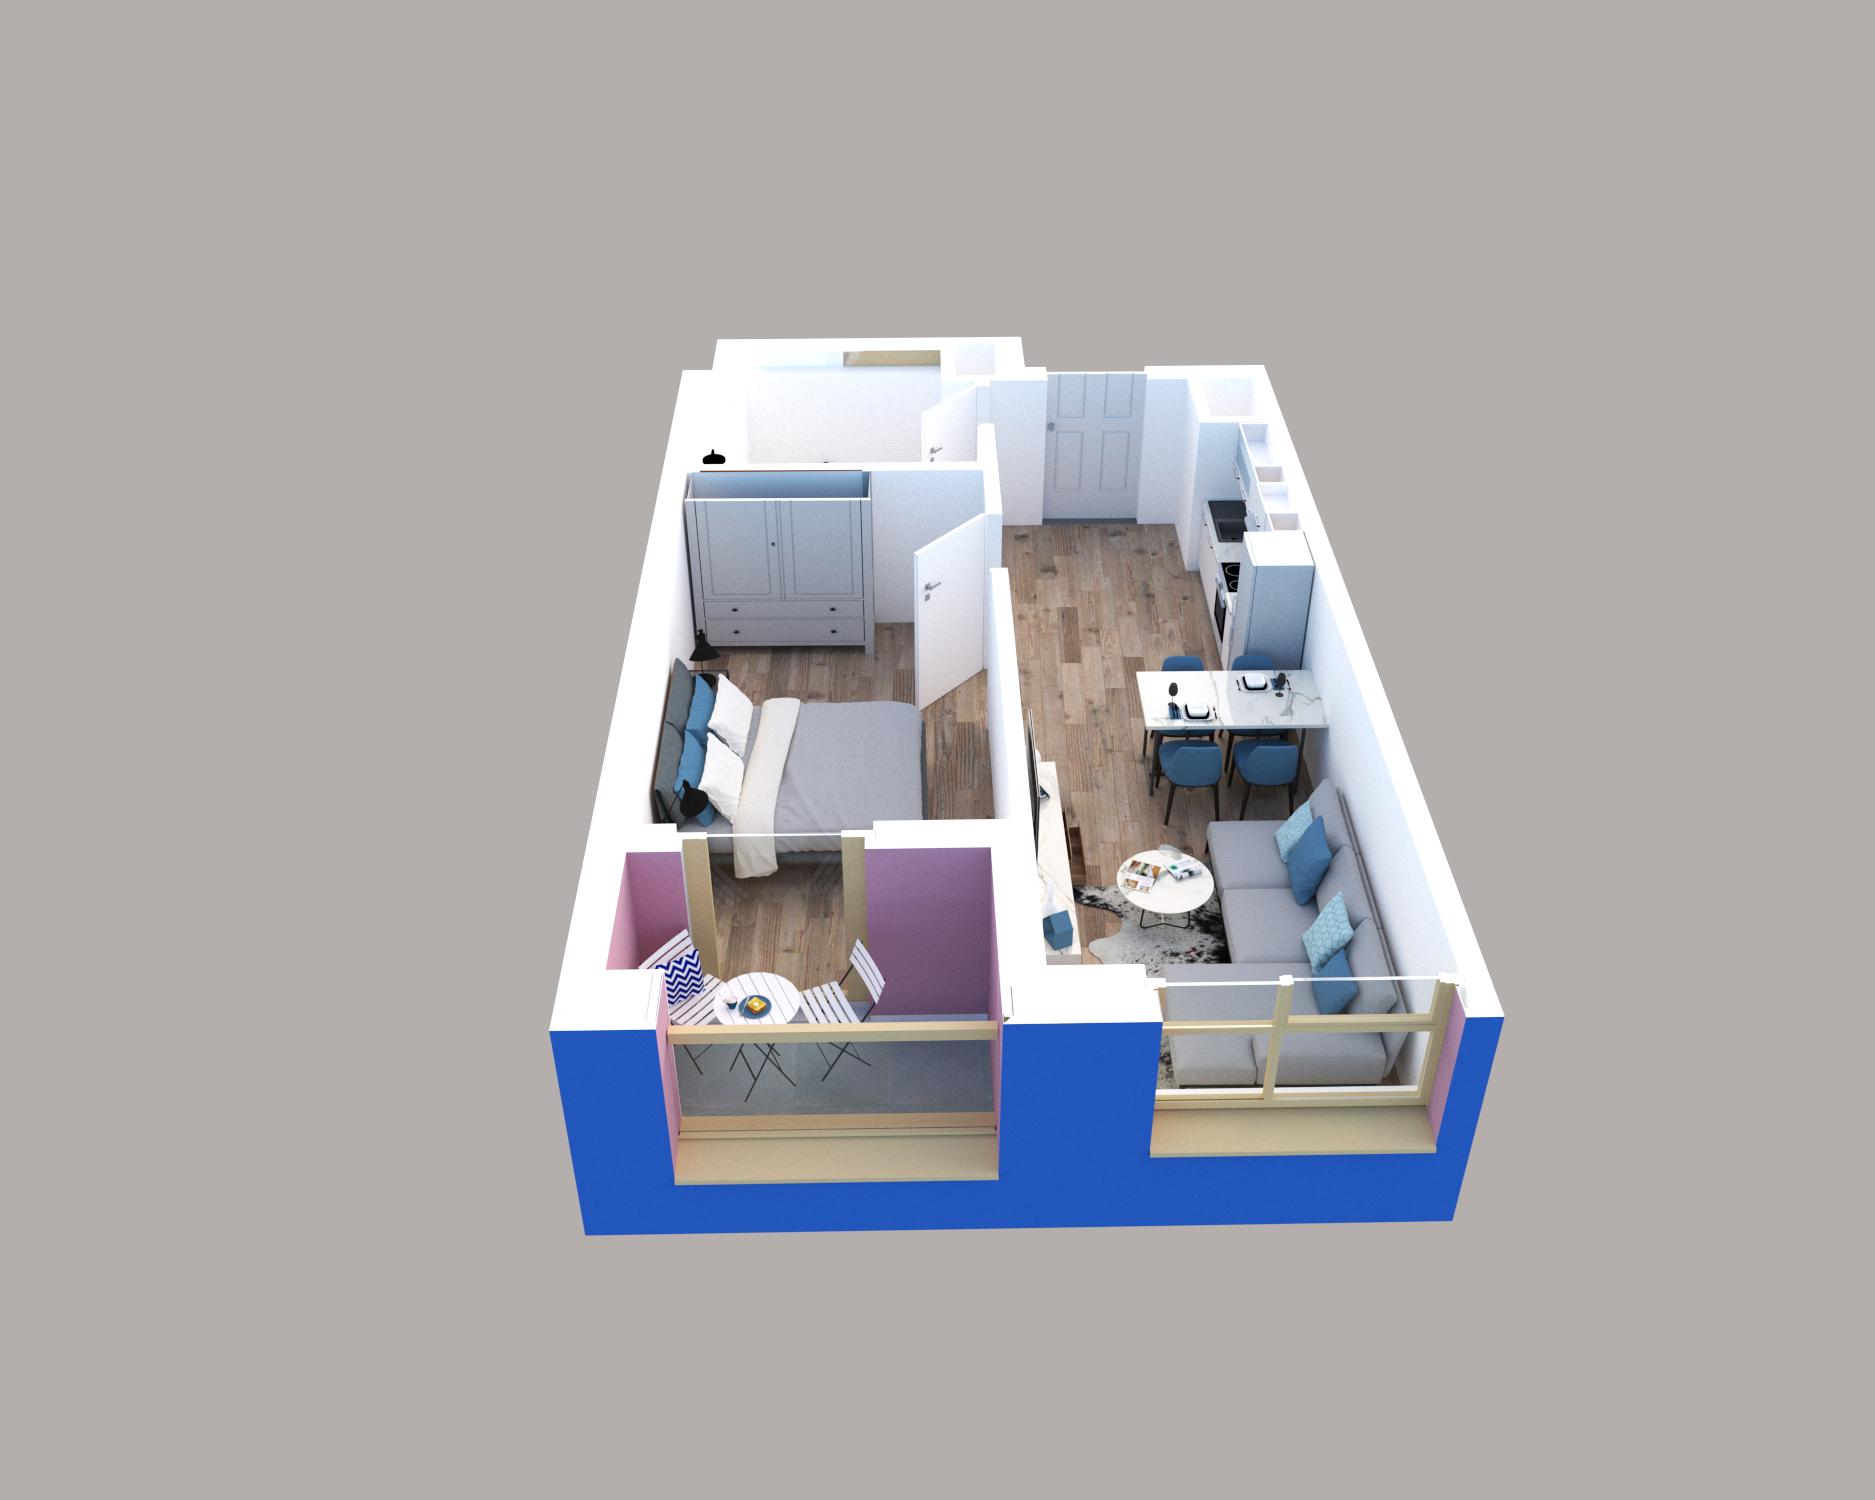 Apartament 1+1 në shitje në Tiranë - Mangalem 21 Shkalla 28 Kati 3